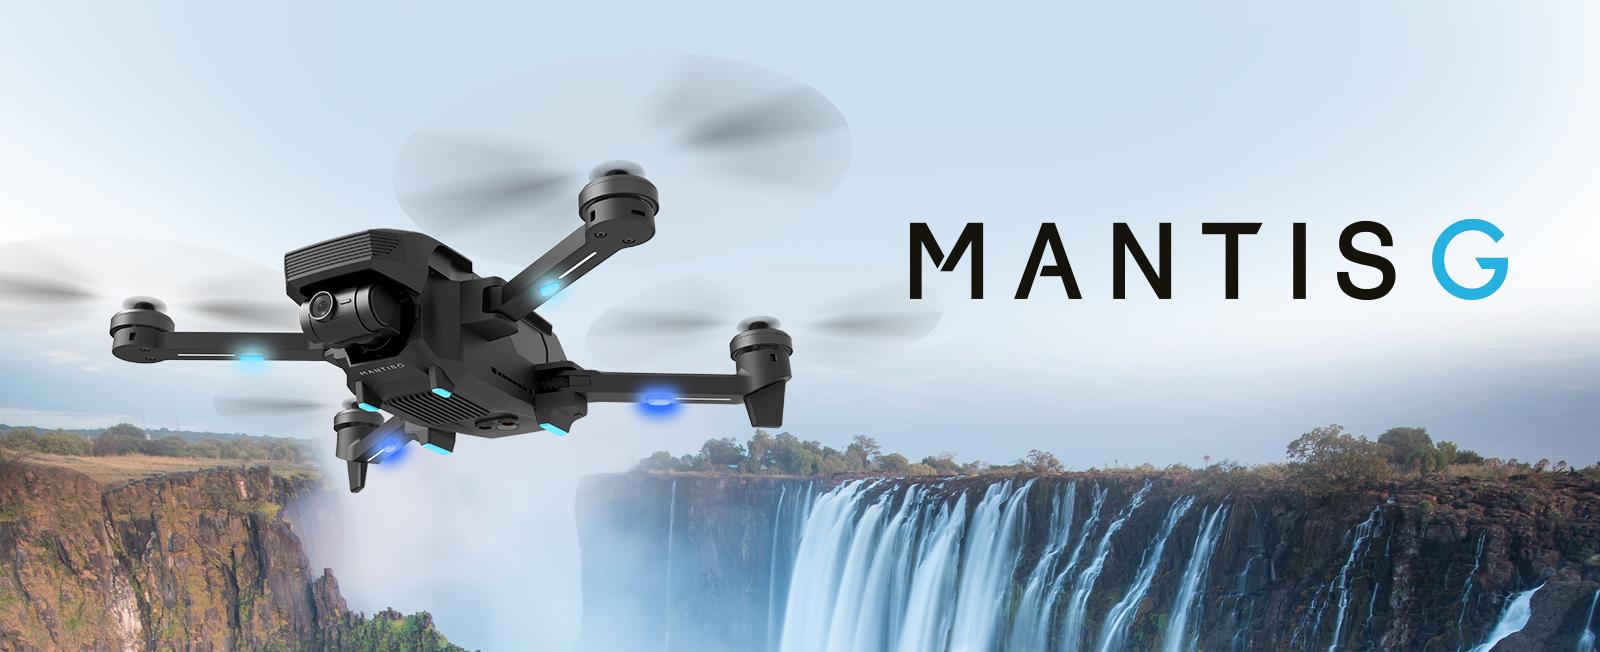 Mantis G dron podróżny